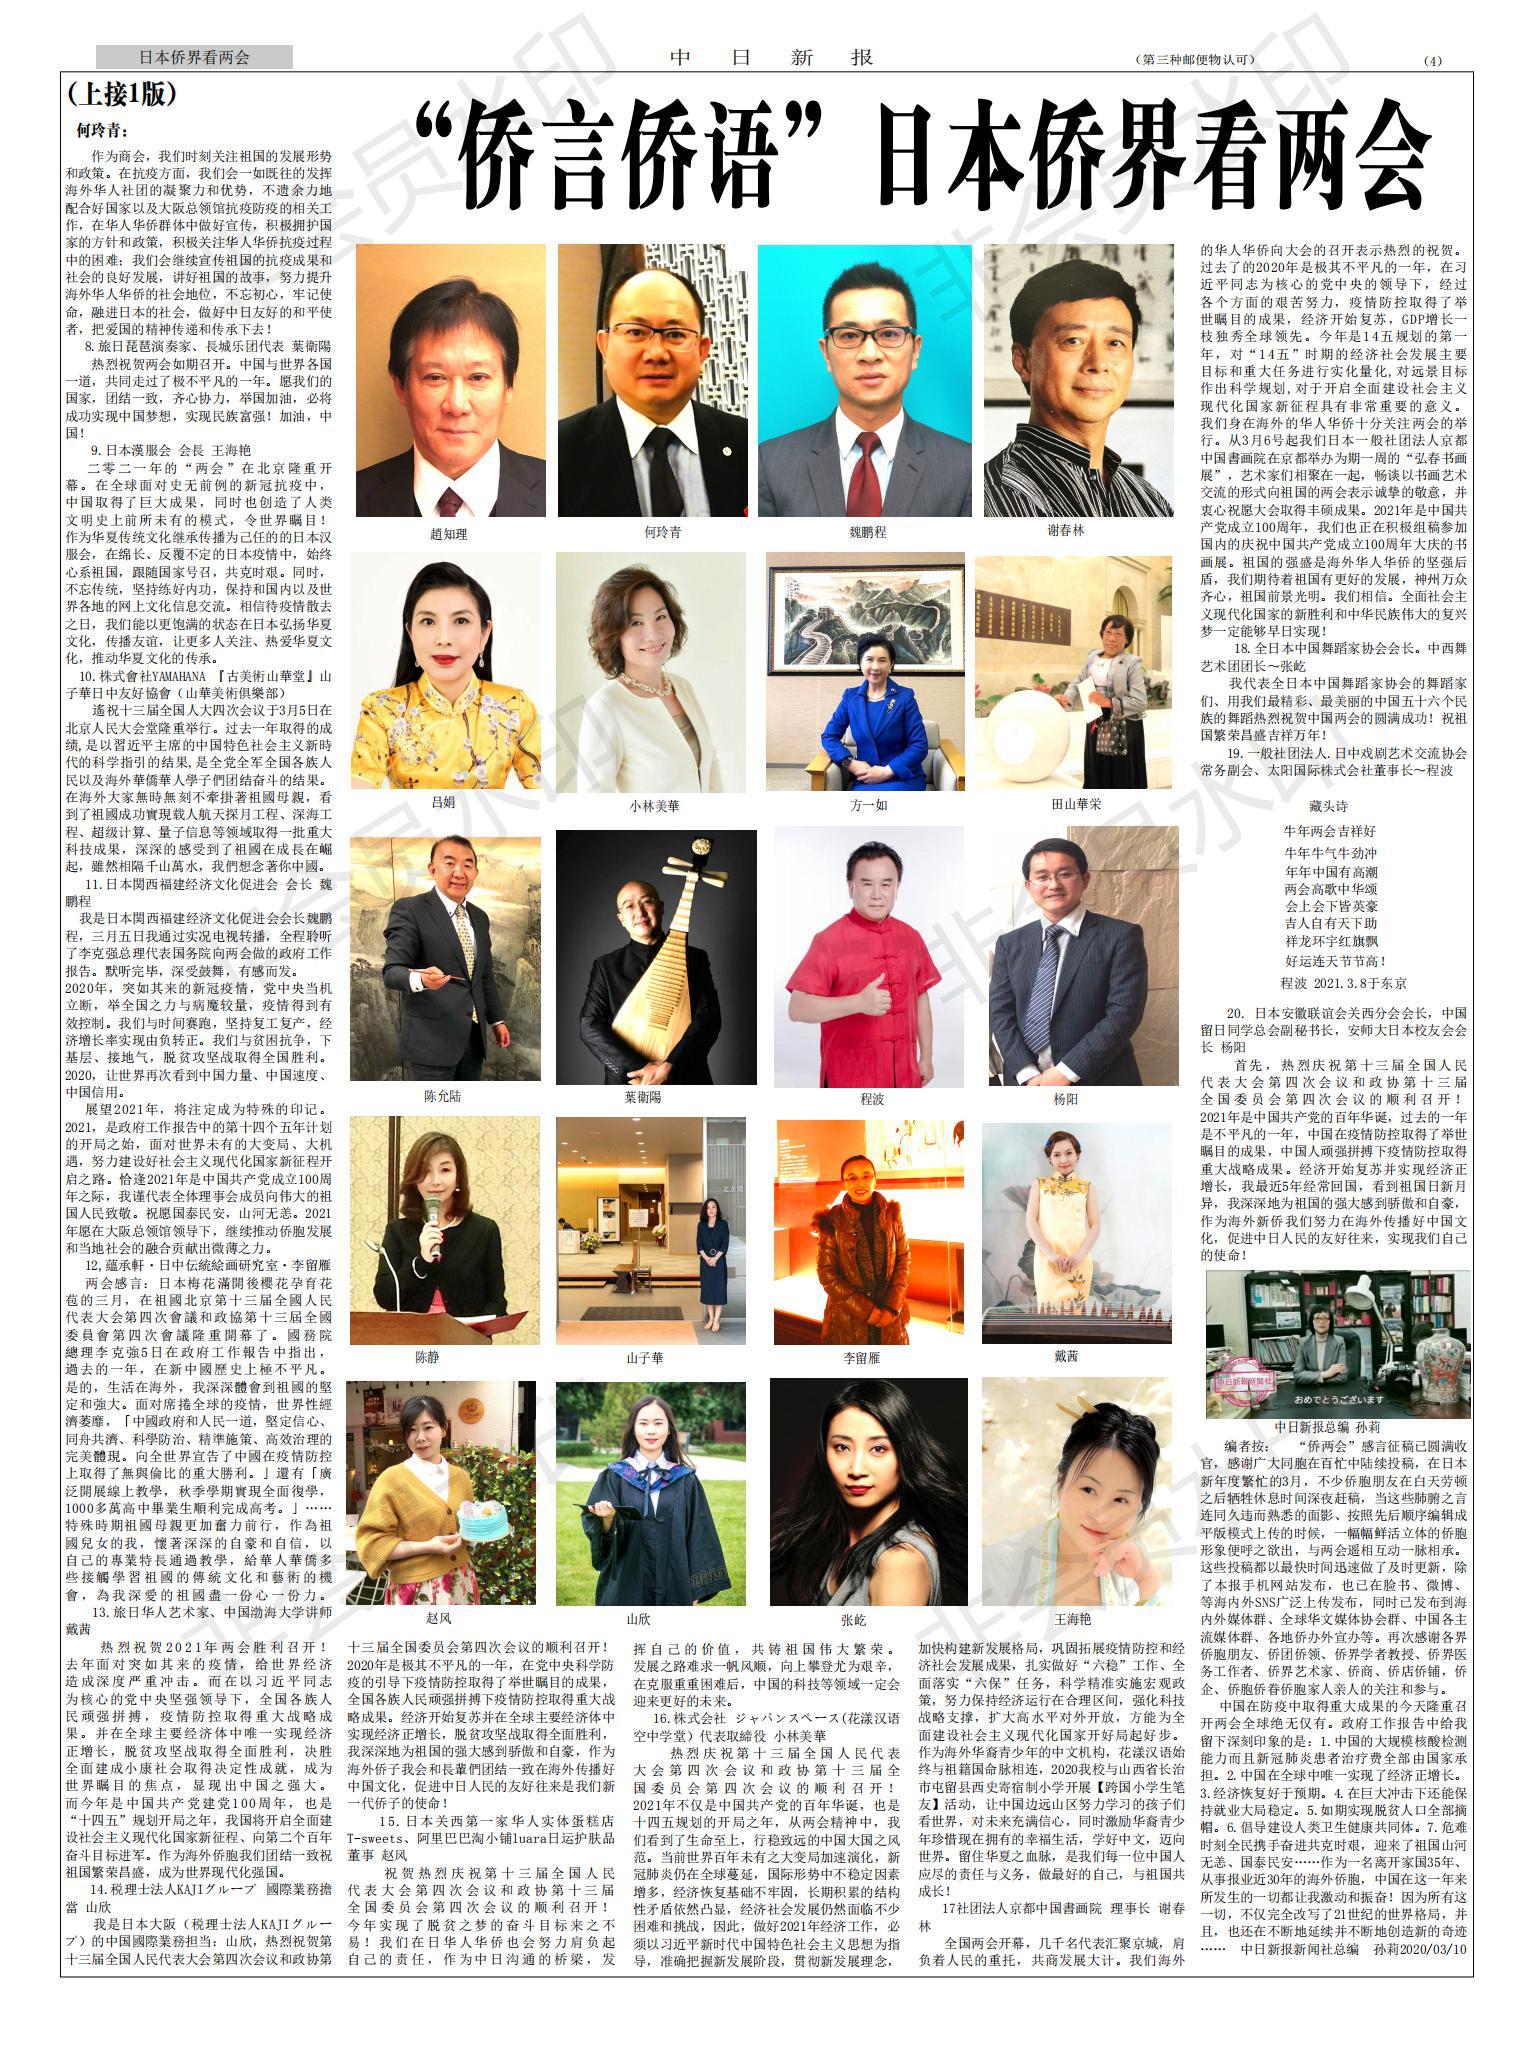 在日華僑らの視線から見た中国人民政治協商会議(政協)の第13期全国委員会第4回会議